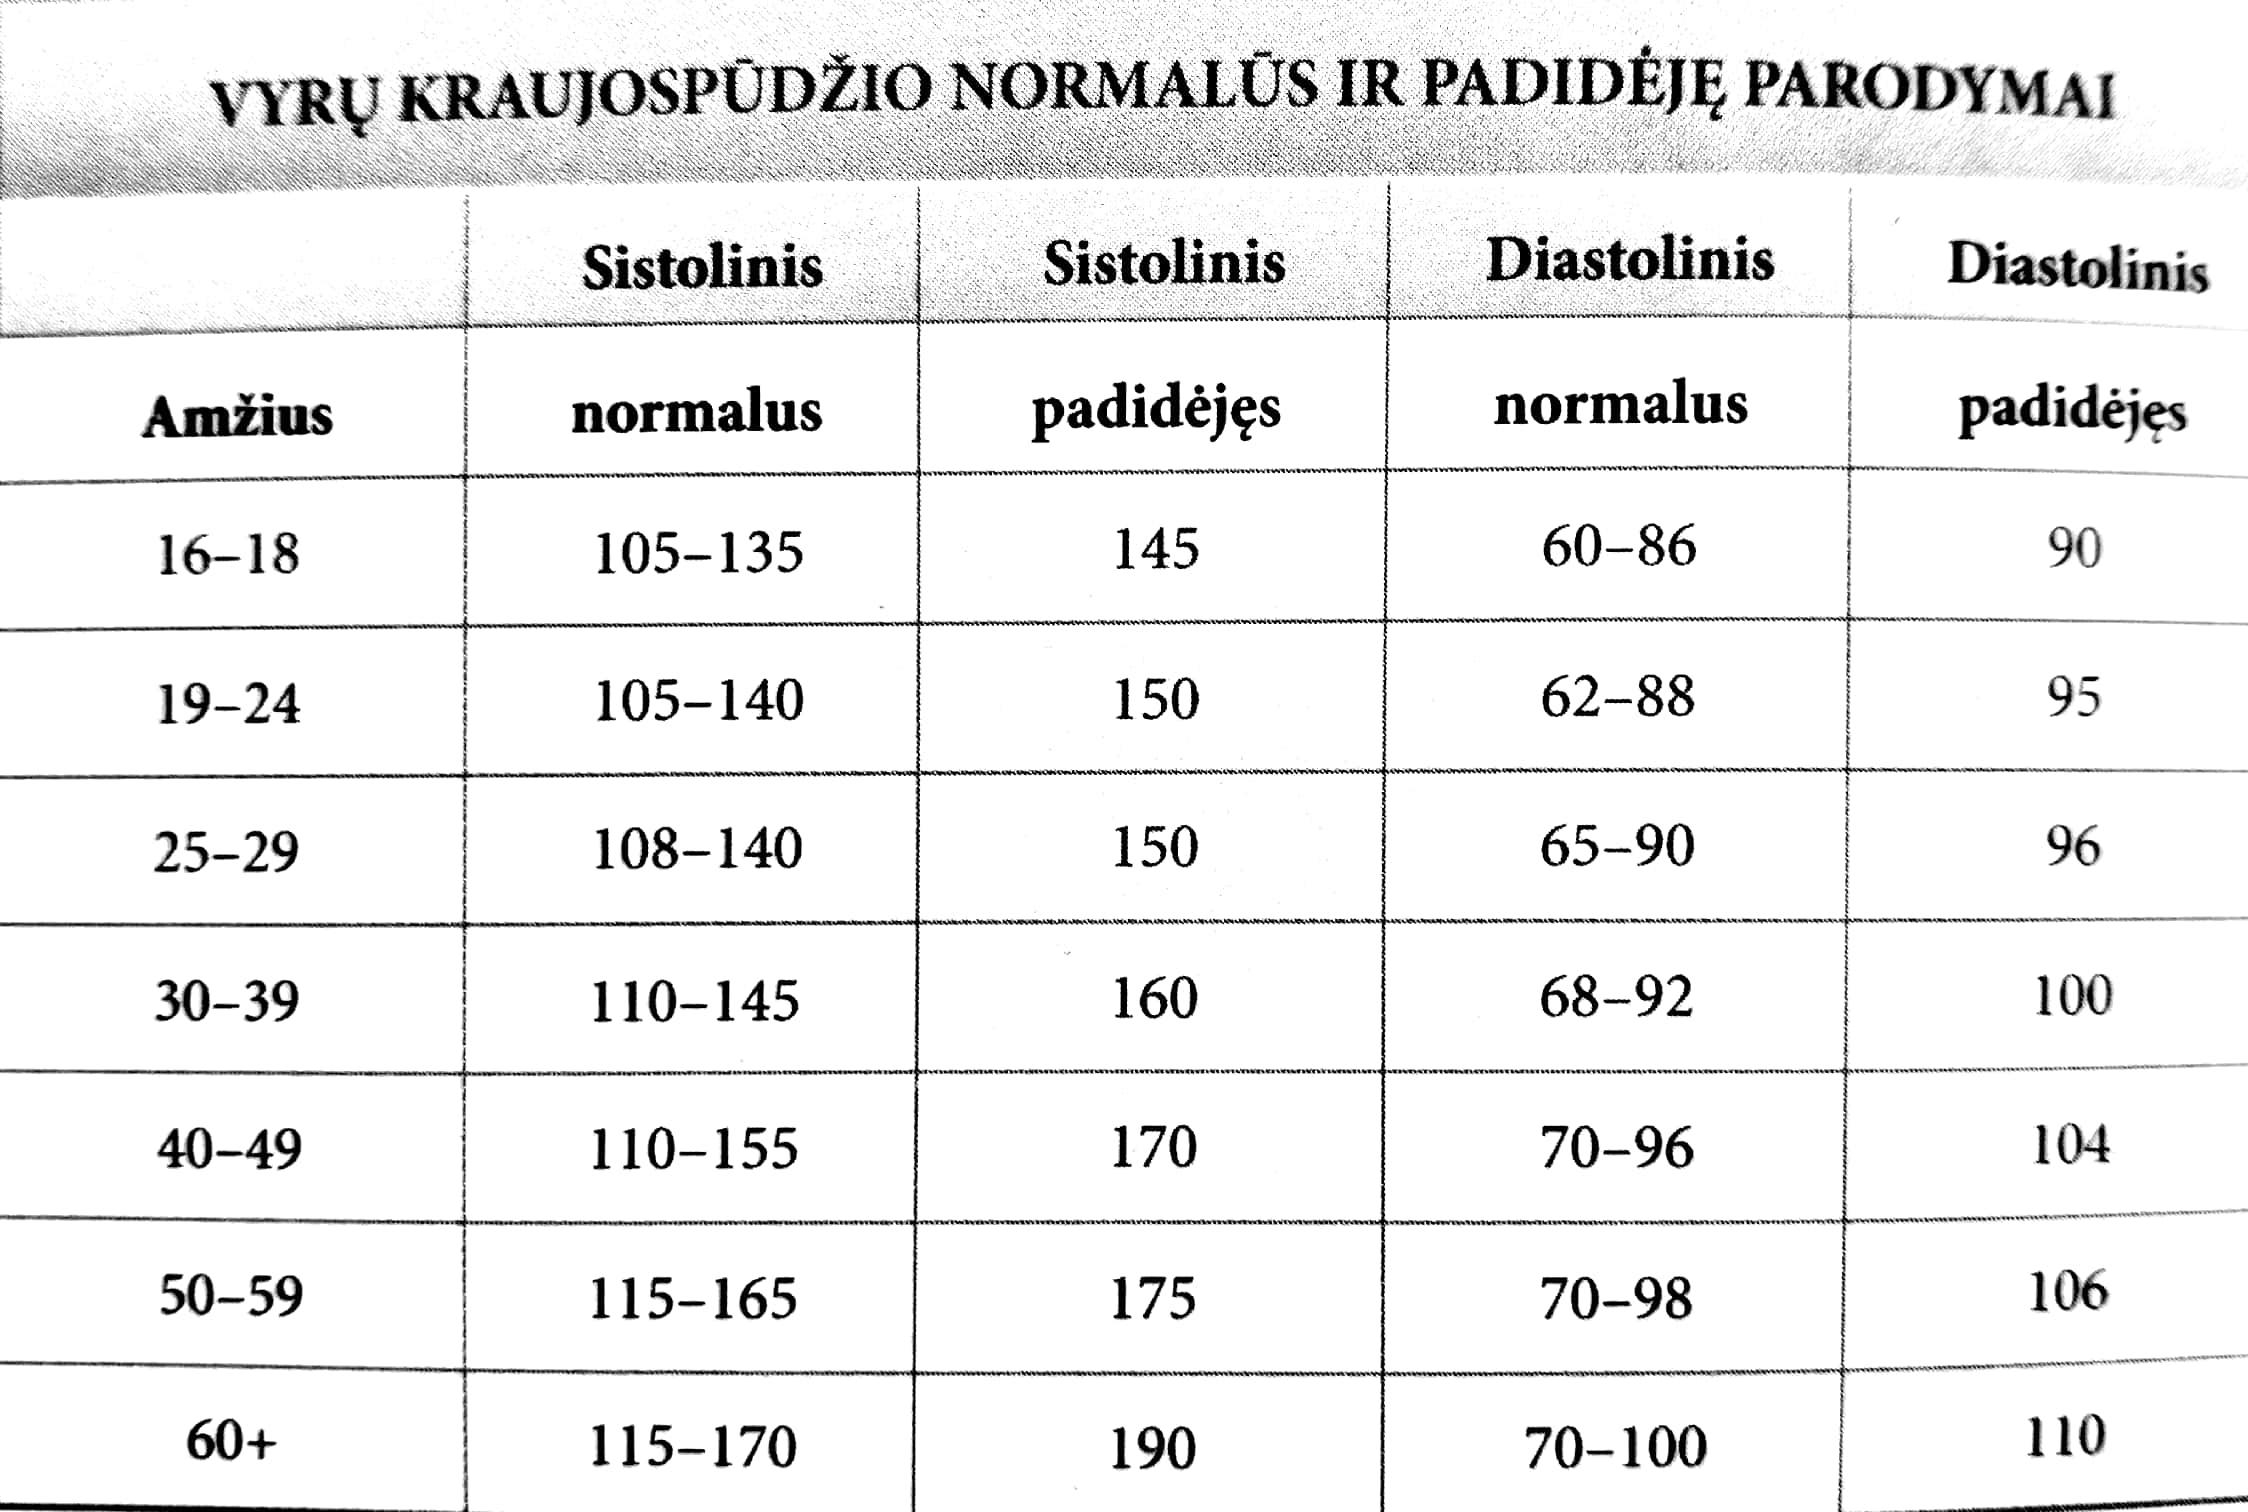 kiek žmonių miršta nuo hipertenzijos per metus)